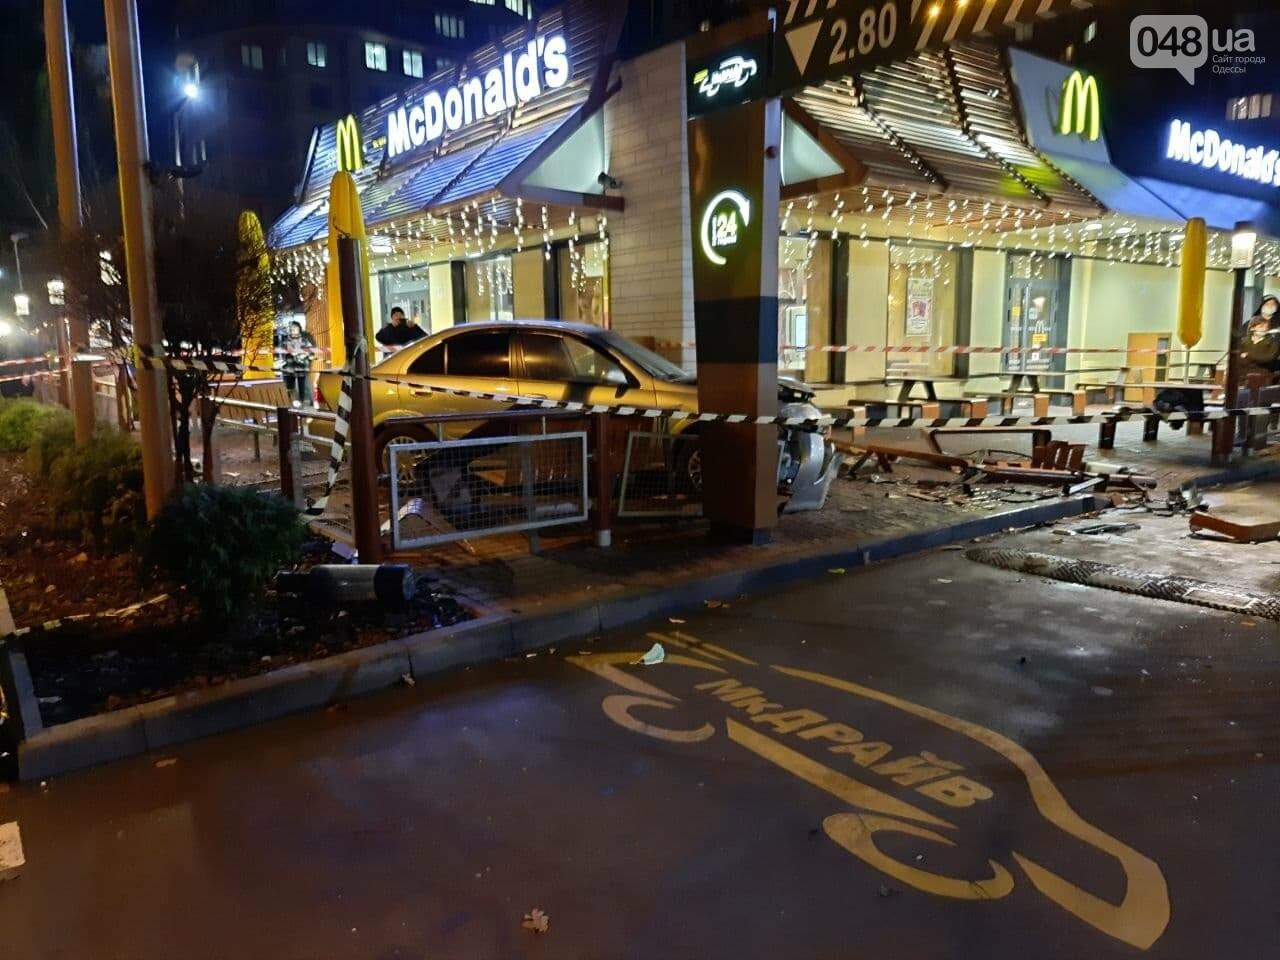 Стало плохо за рулём: в полиции прокомментировали резонансное ДТП в Одессе, - ФОТО, ВИДЕО, фото-6